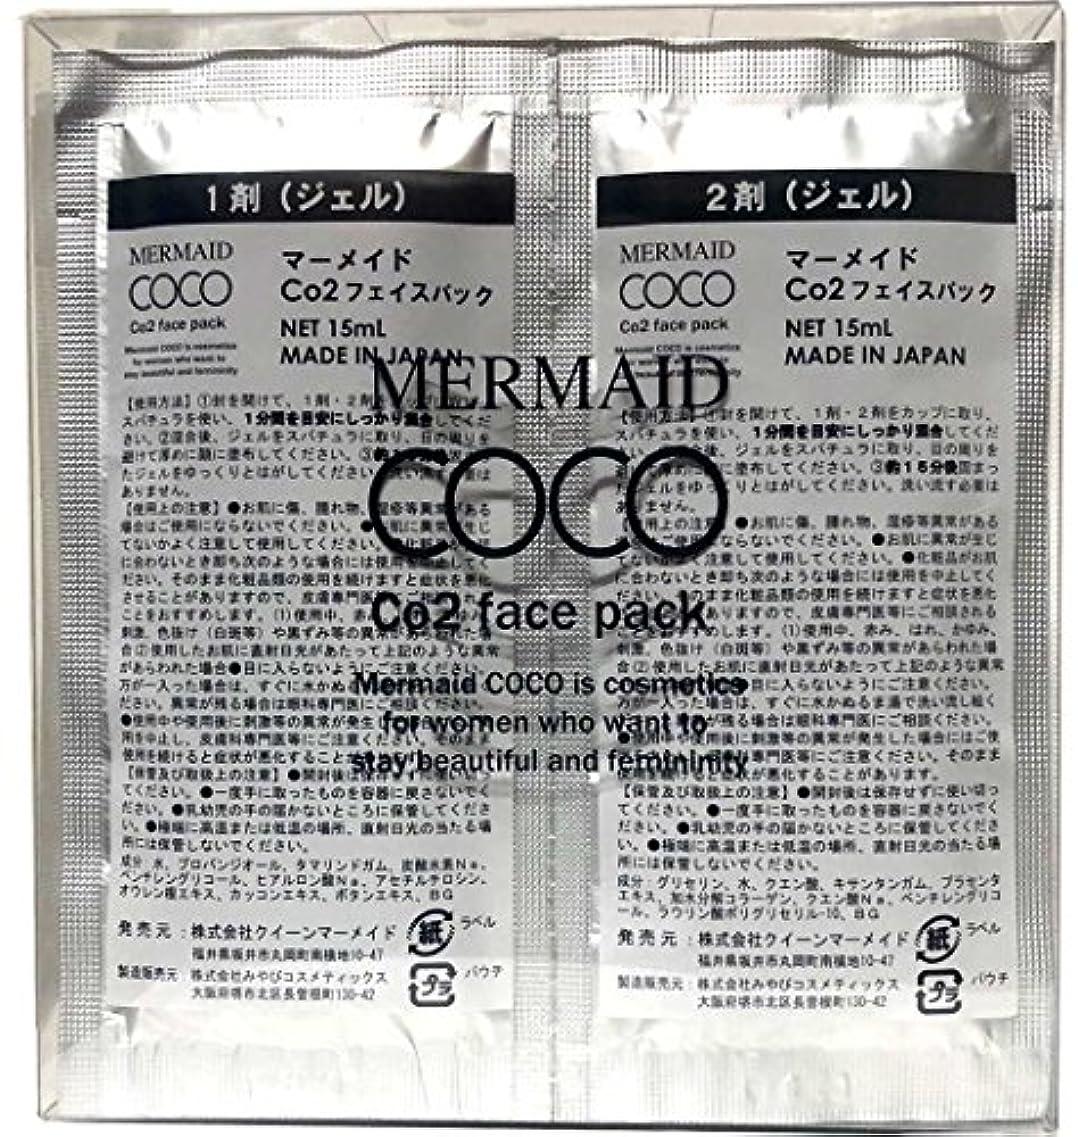 アイロニーイソギンチャク傭兵マーメイド ココ  MERMAID COCO Co2 フェイスパック 10回分